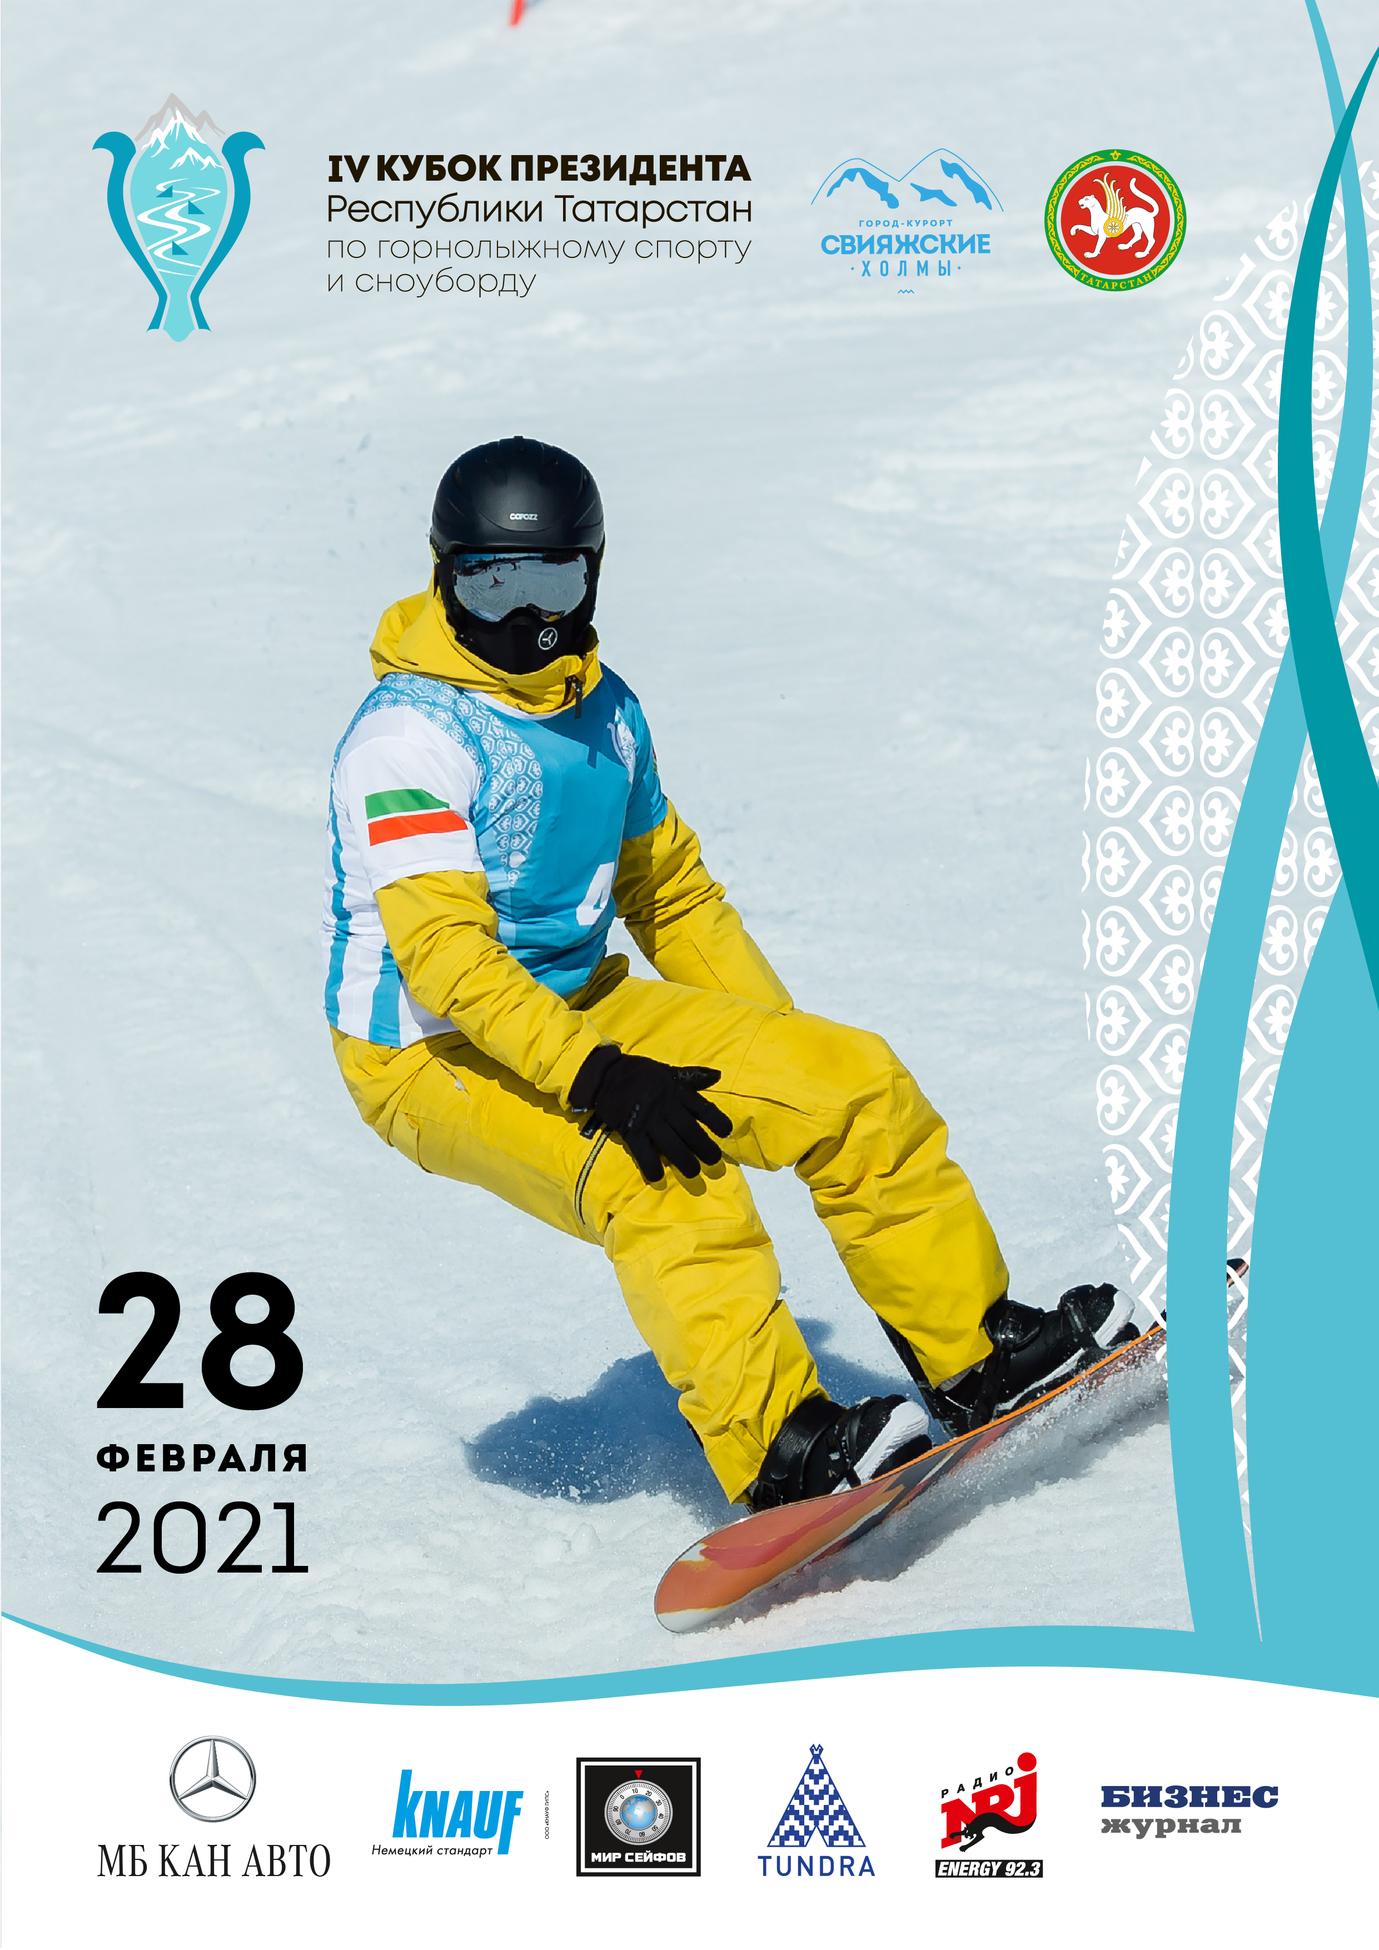 IV Кубок Президента РТ по горнолыжному спорту и сноуборду - программа